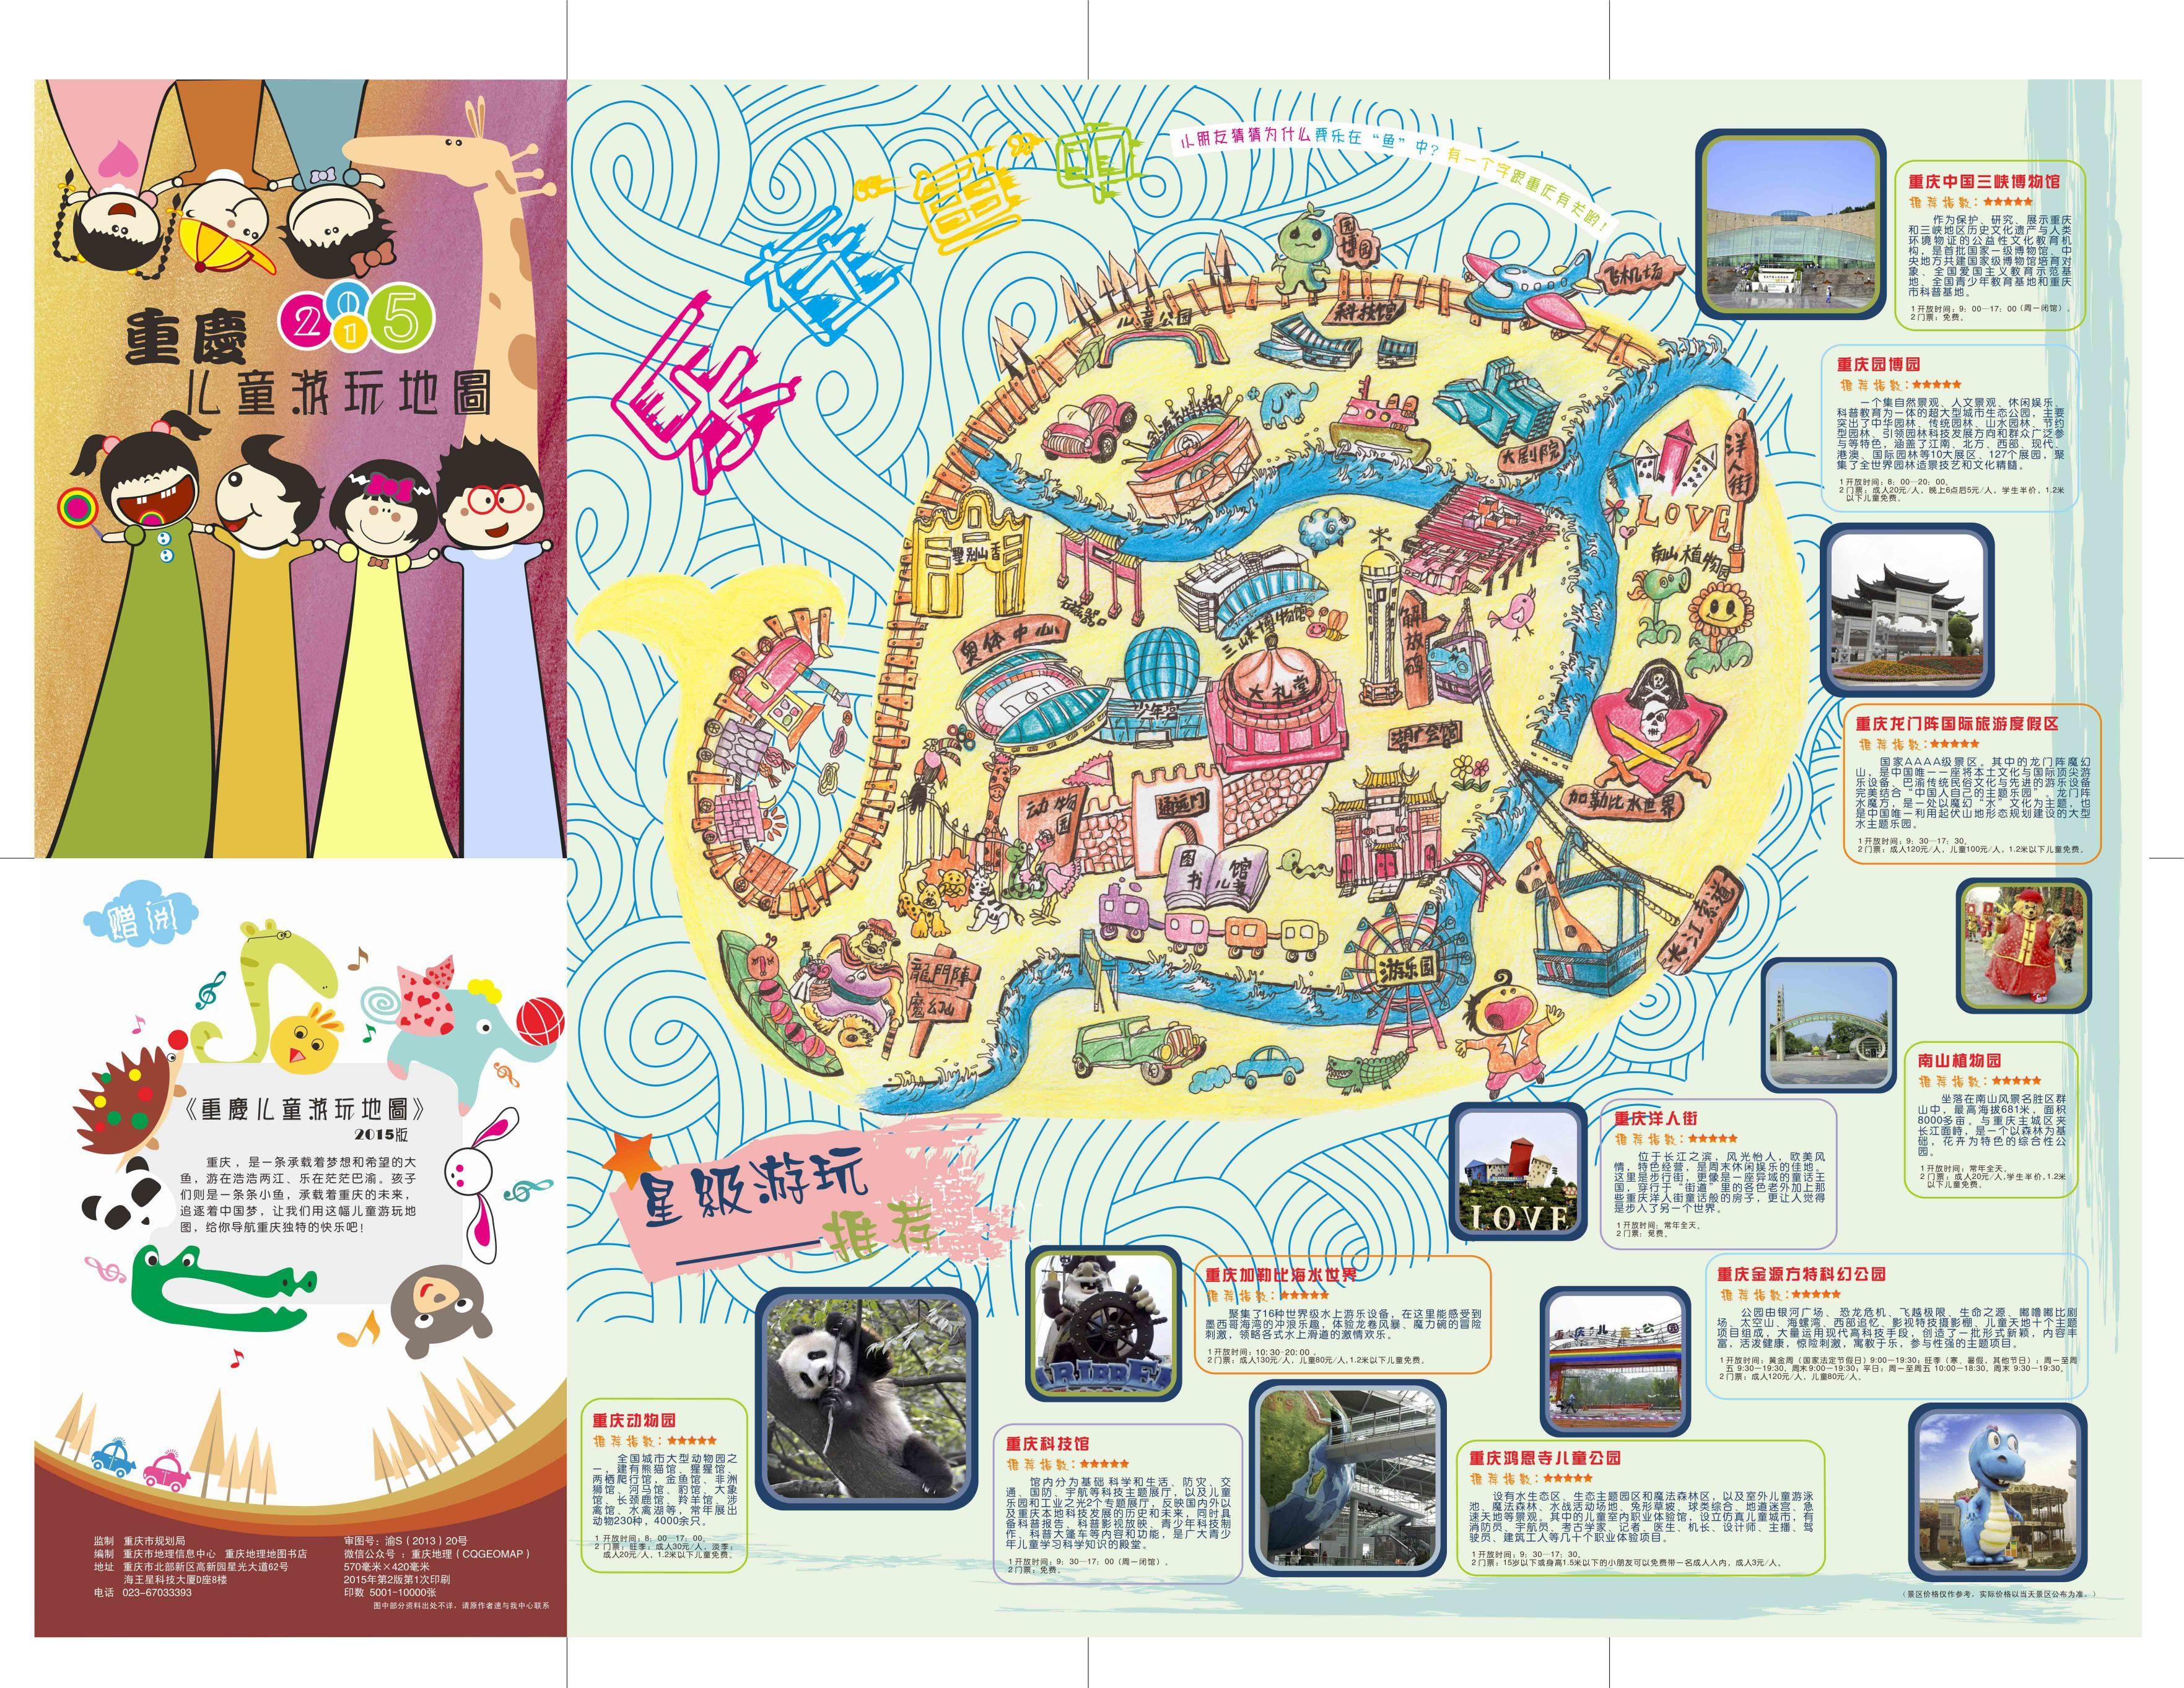 地图推荐了27处适合孩子游玩的公园,博物馆,动物园等,恰逢春天,你可带